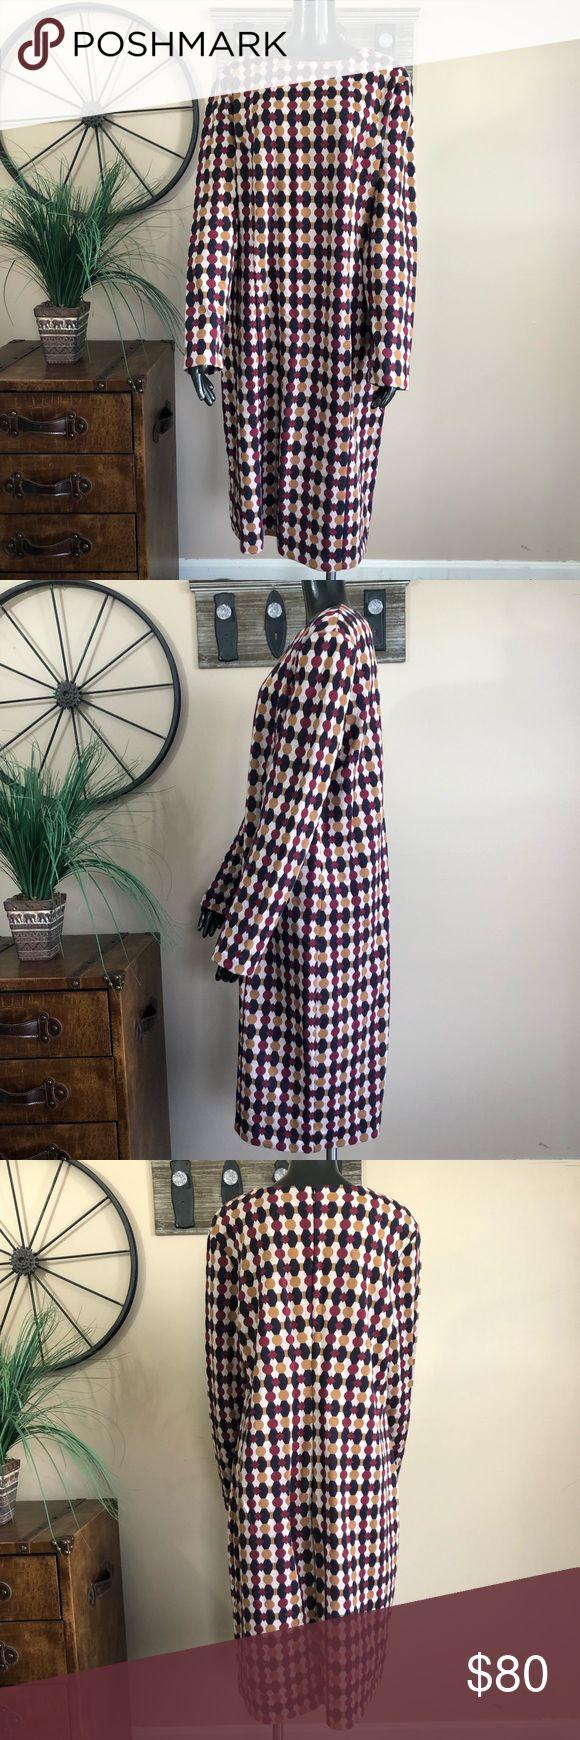 Boden Cotton Blend Long Sleeve Dress NWOT / No Issues / Never Worn / Burgundy Mu... 5